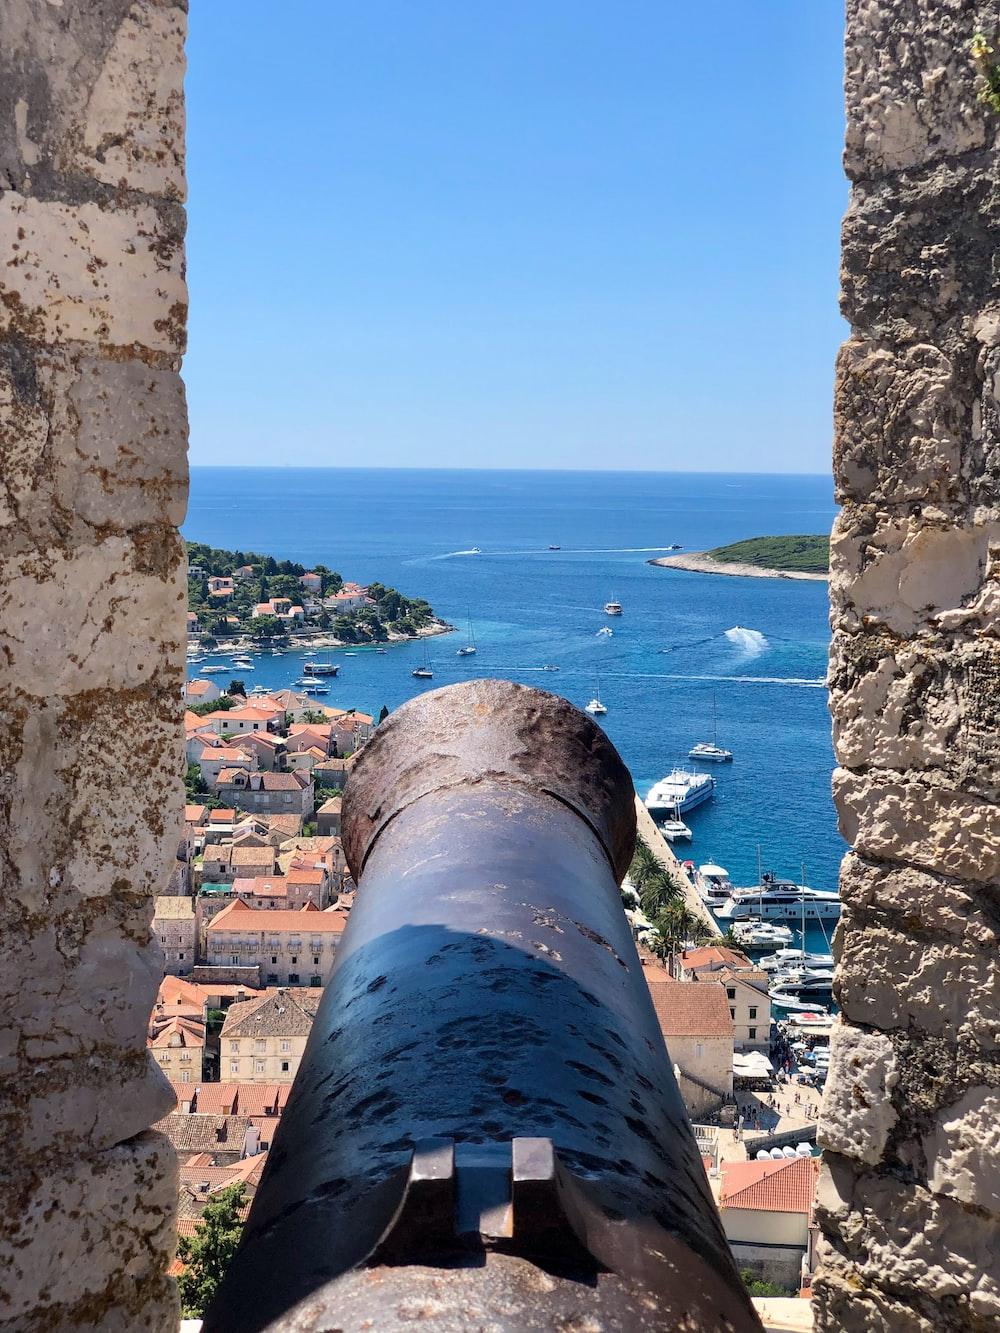 cannon facing coastal area